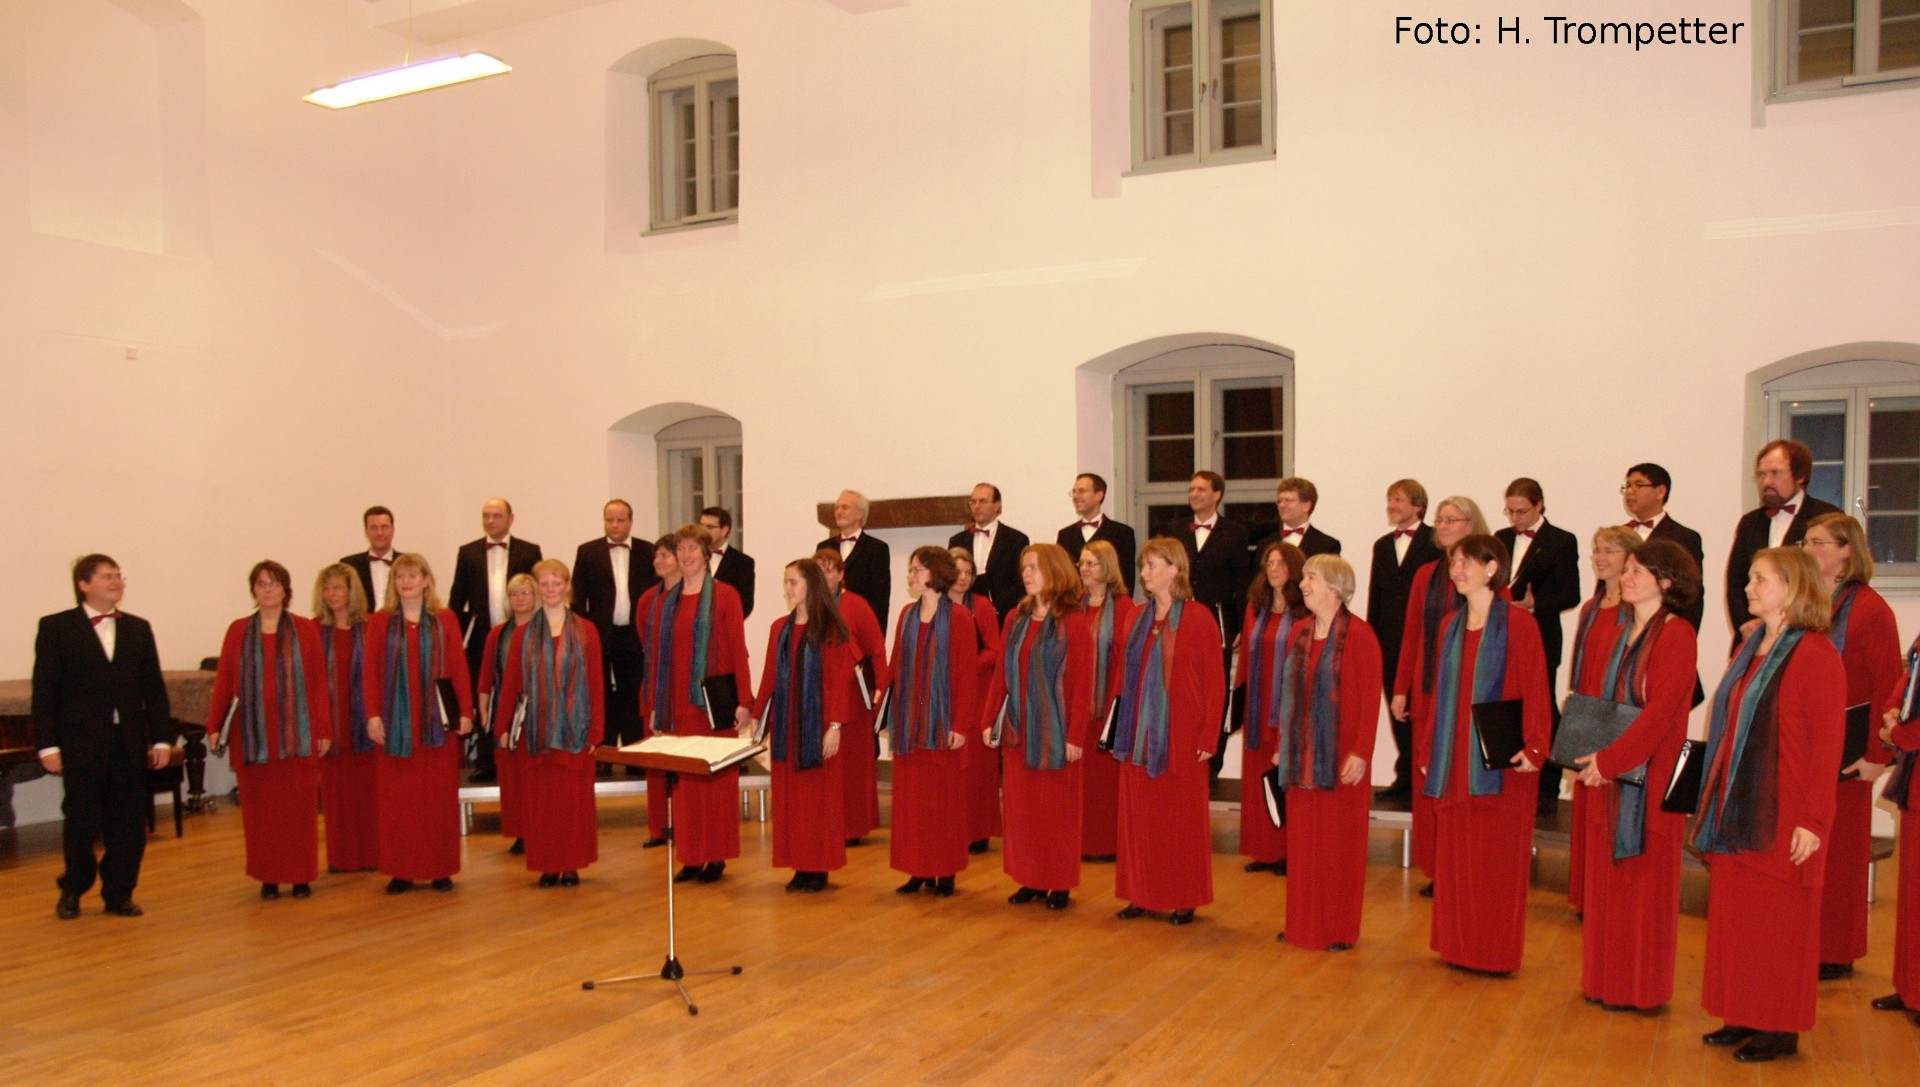 10-11-13-Bergedorfer-Kammerchor-MM-05